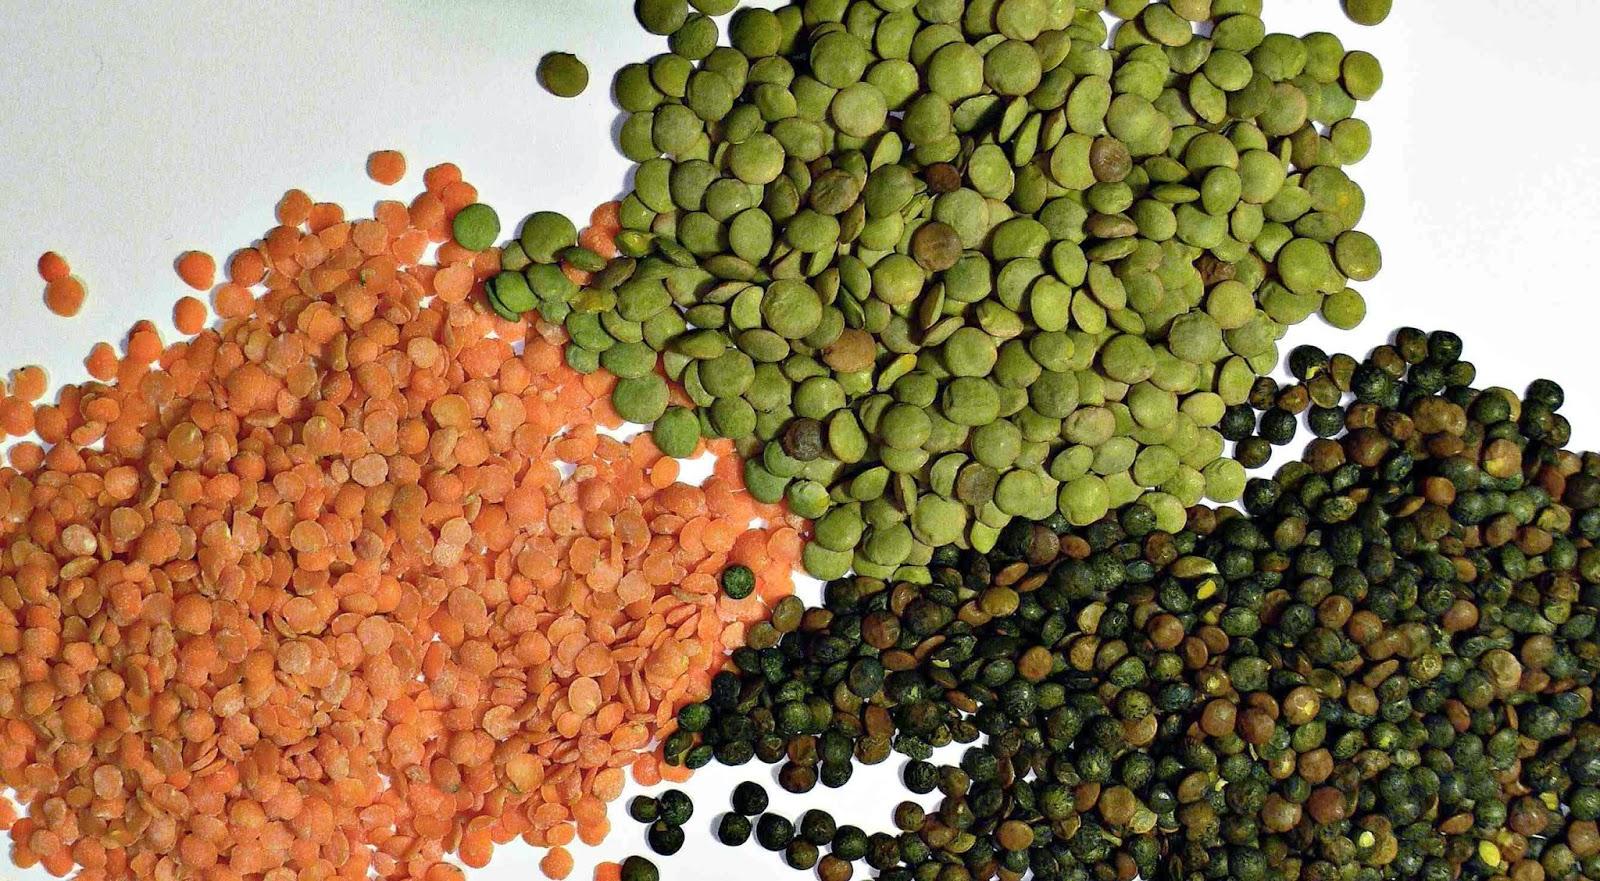 lentils-3-main-varieties